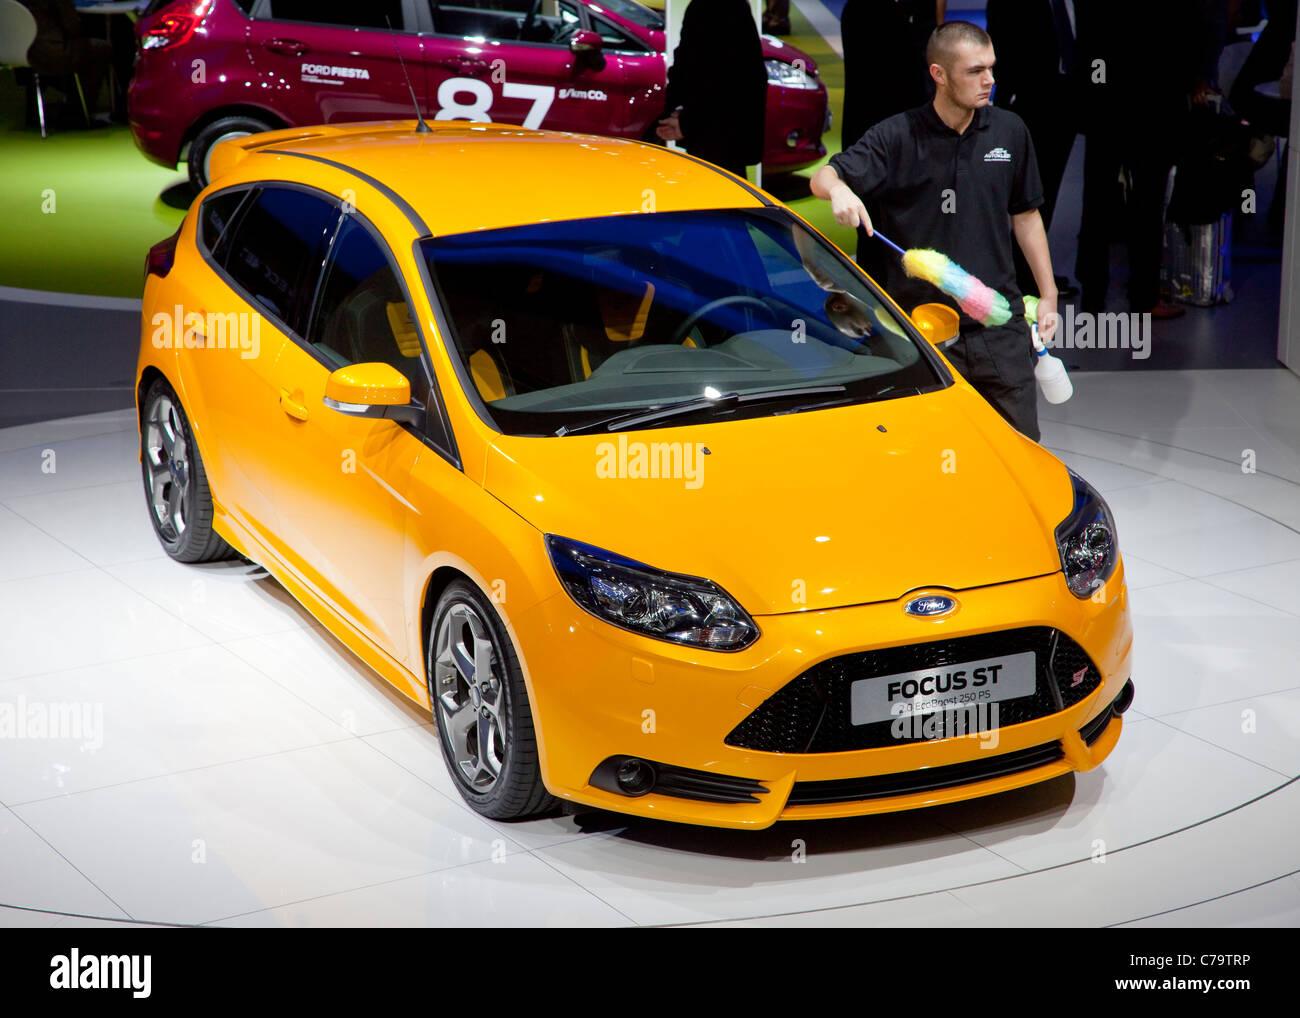 Nuova Ford Focus ST sulla IAA 2011 International Motor Show di Francoforte am Main, Germania Immagini Stock